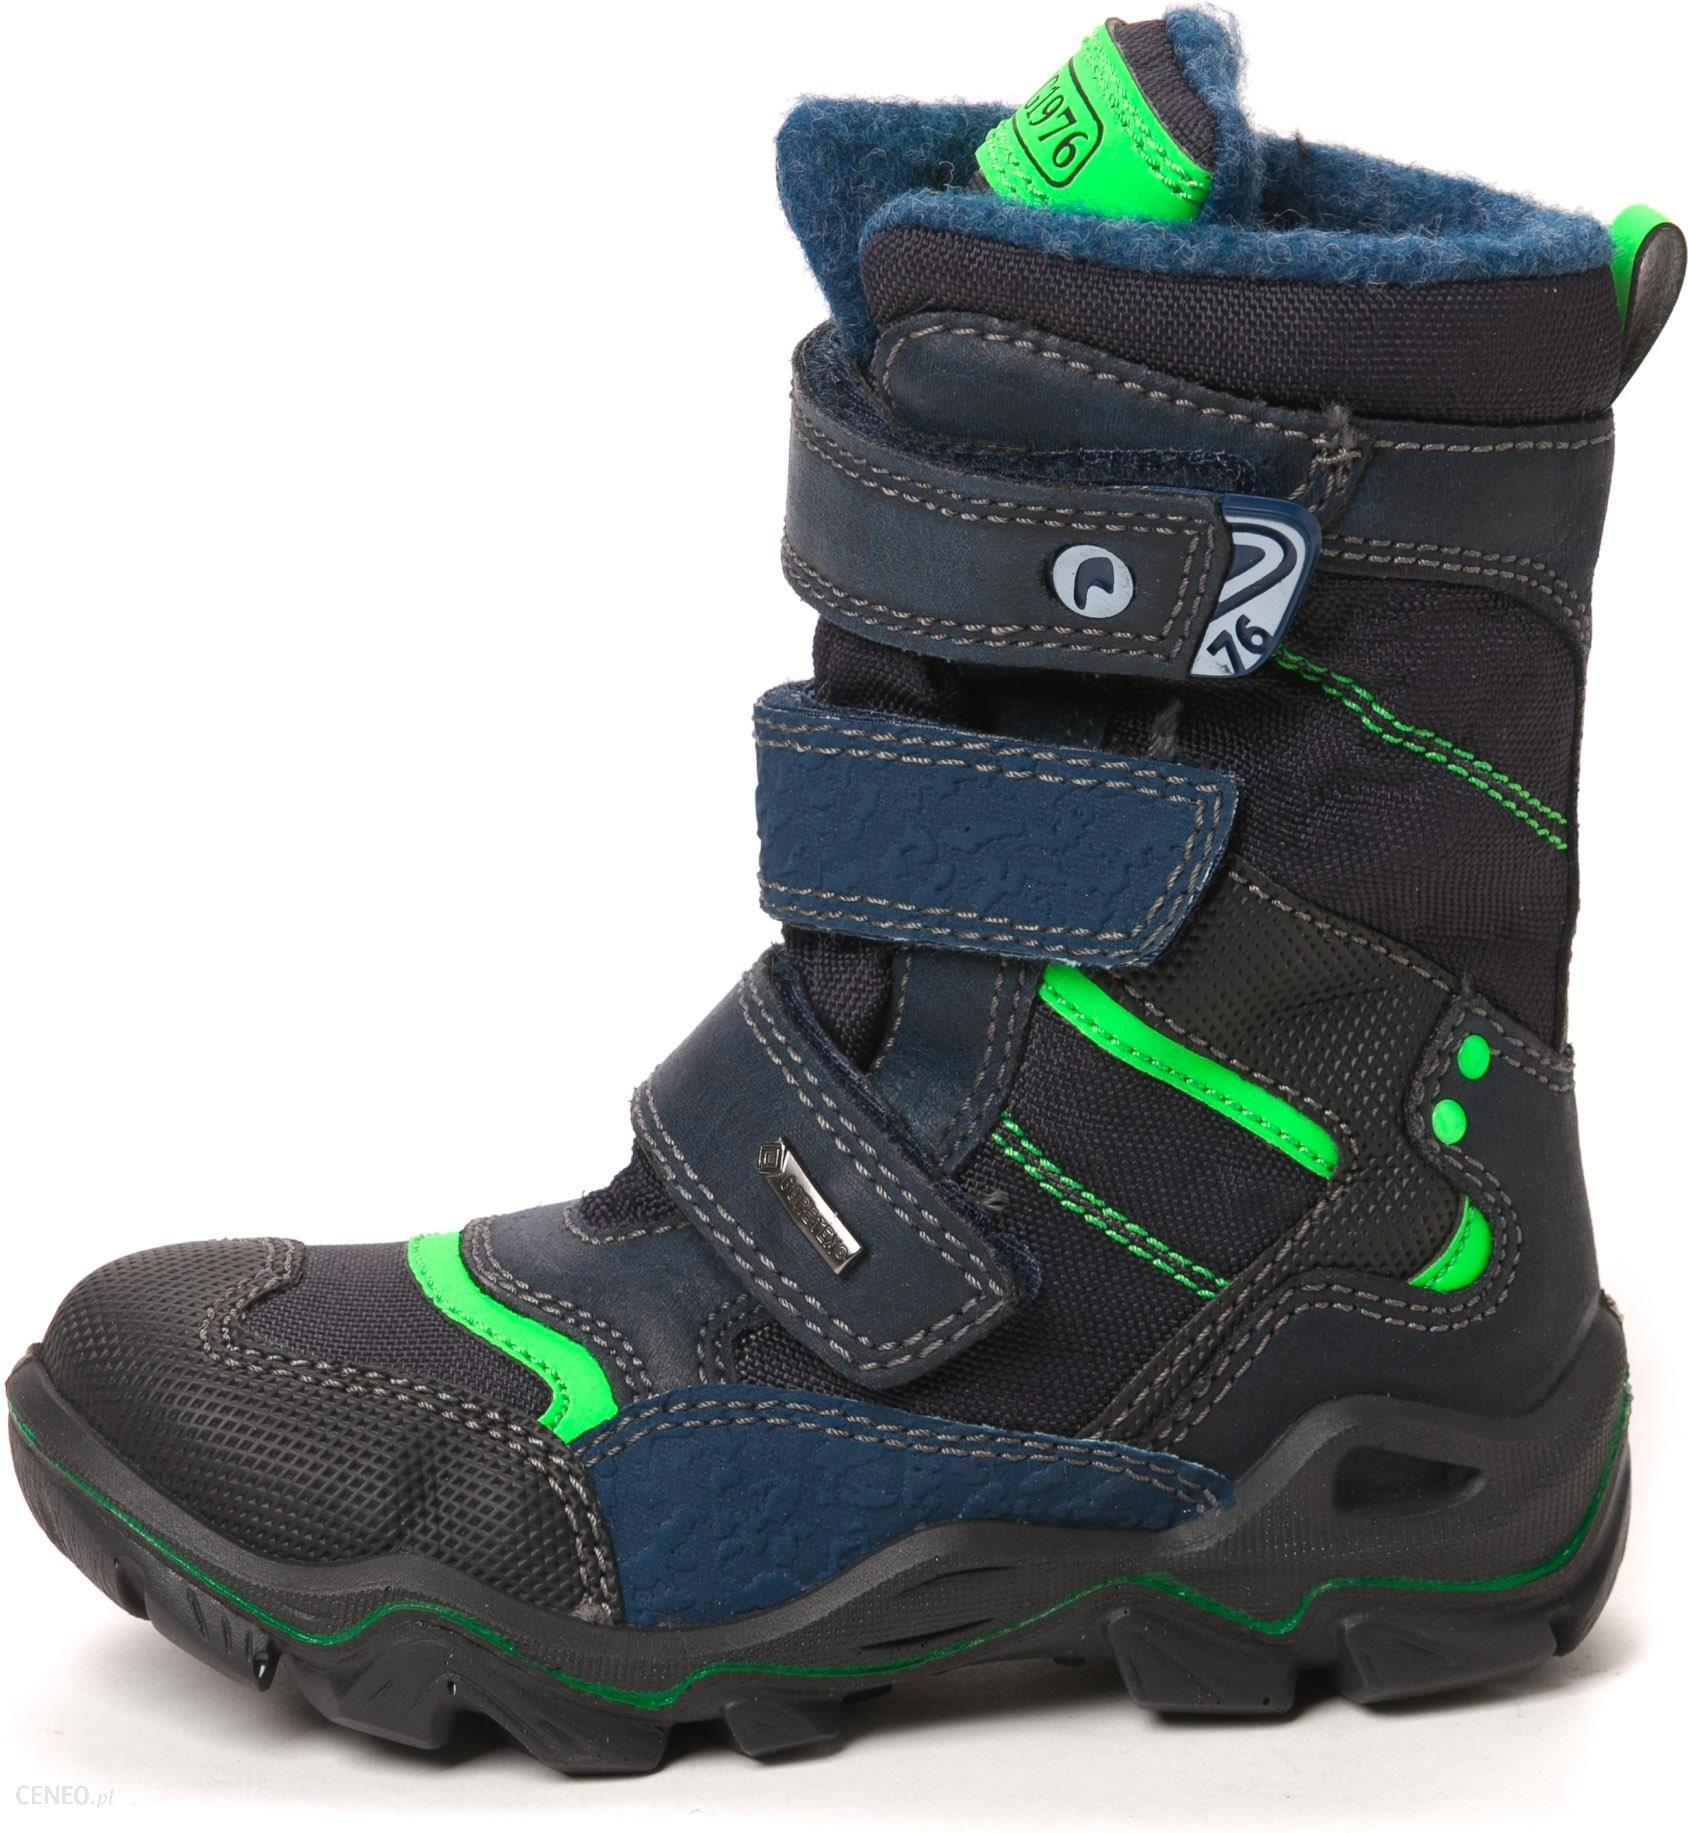 94a1e038 Primigi buty zimowe chłopięce Westy 36 niebieski - Ceny i opinie ...